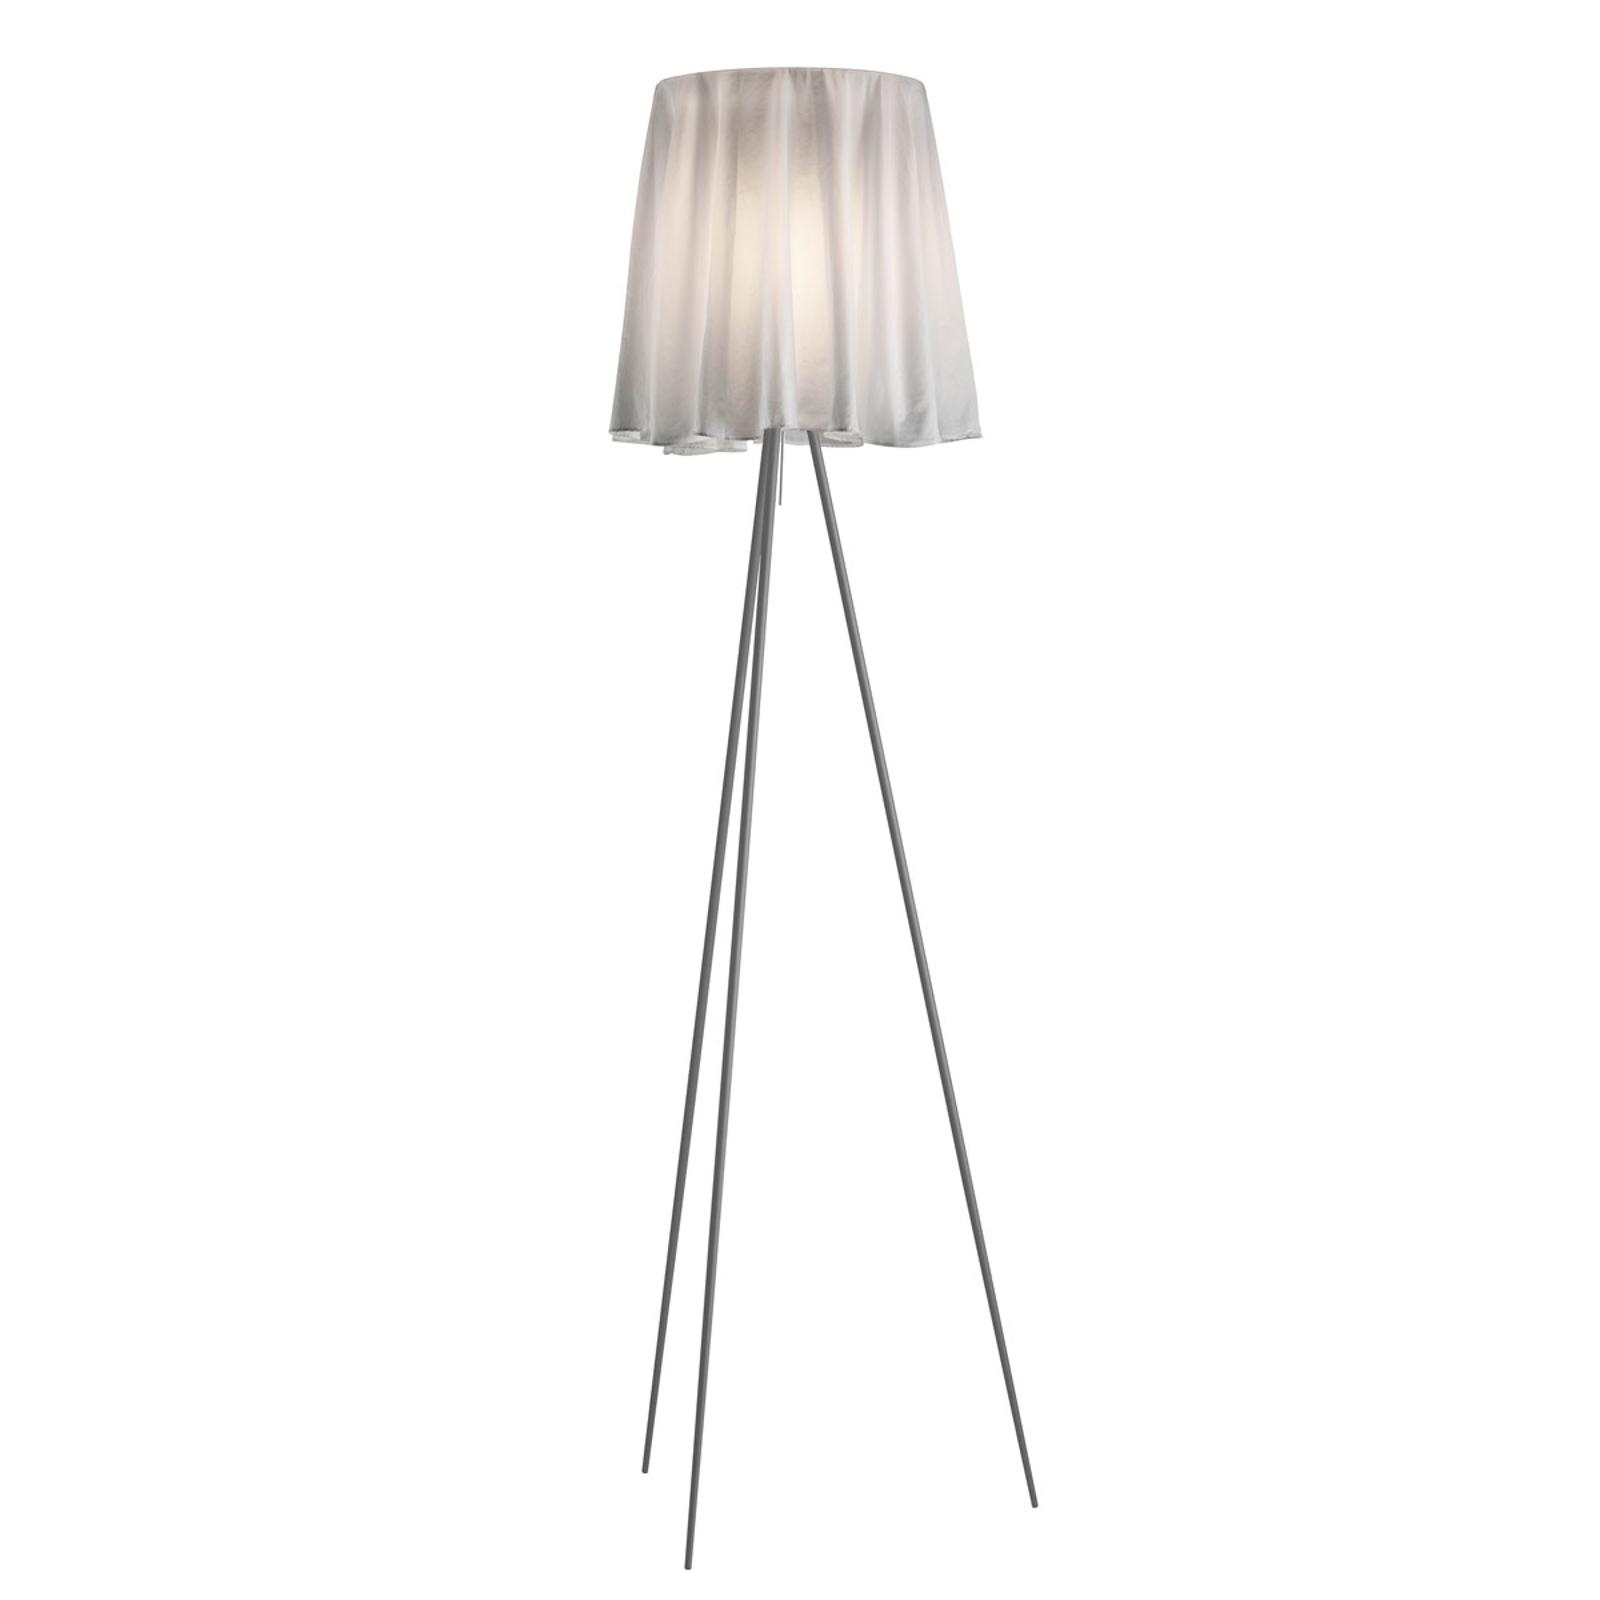 FLOS Rosy Angelis stojaca lampa podstavec striebro